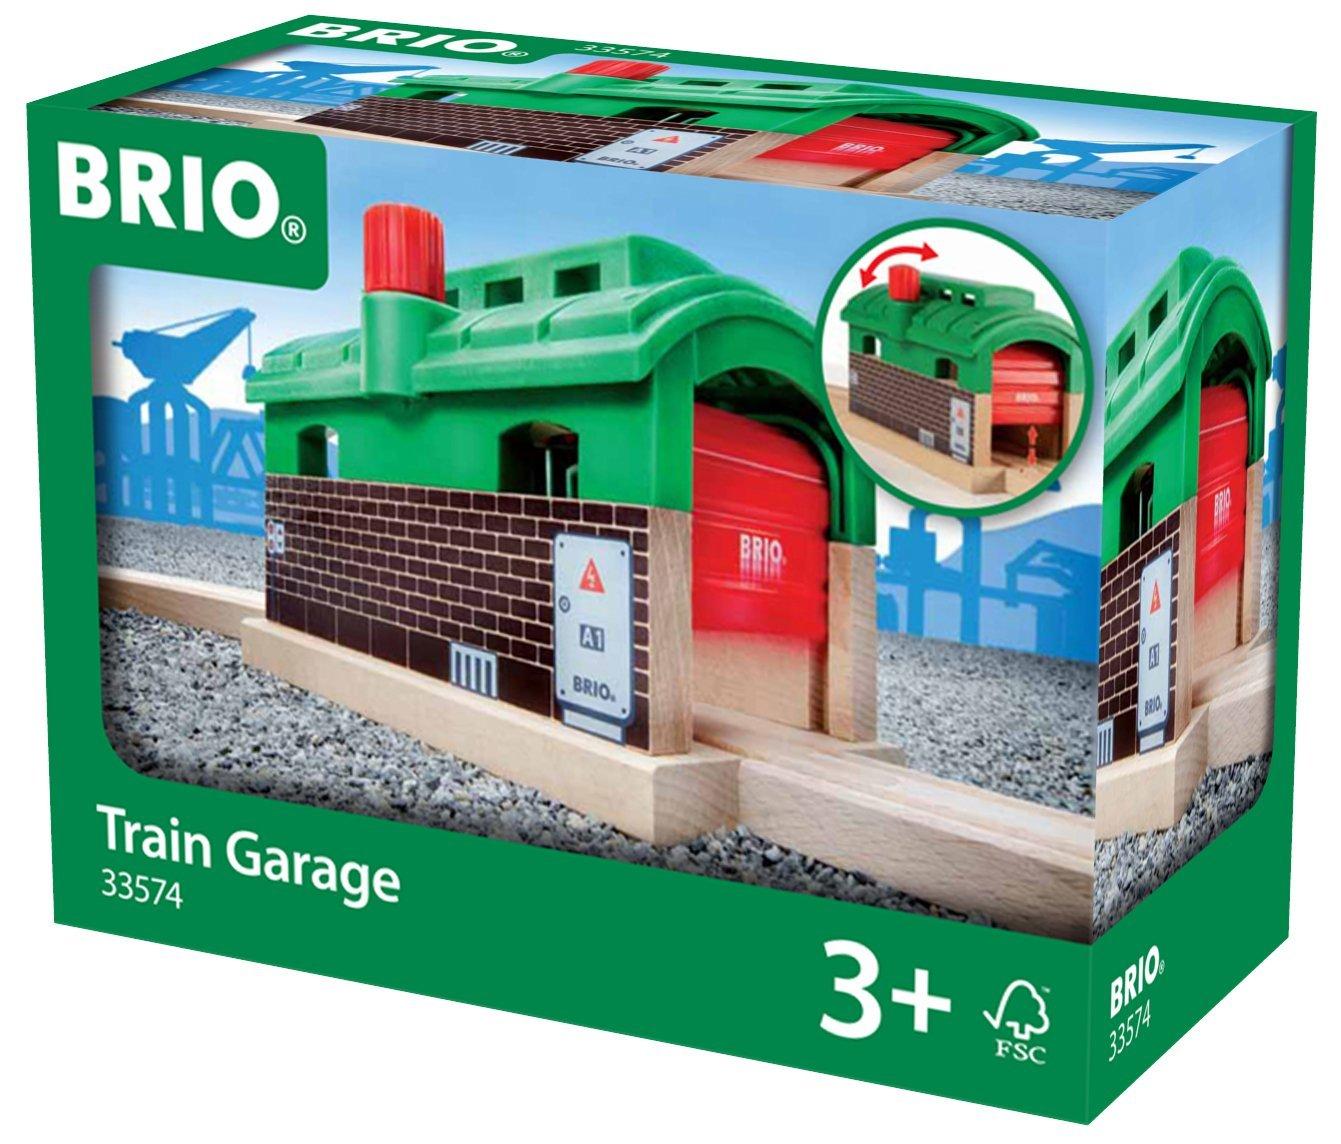 BRIO Bahn Großes Landschaftsset - Puppenhaus Holz - Plantoys Chalet - Brio Holzeisenbahn